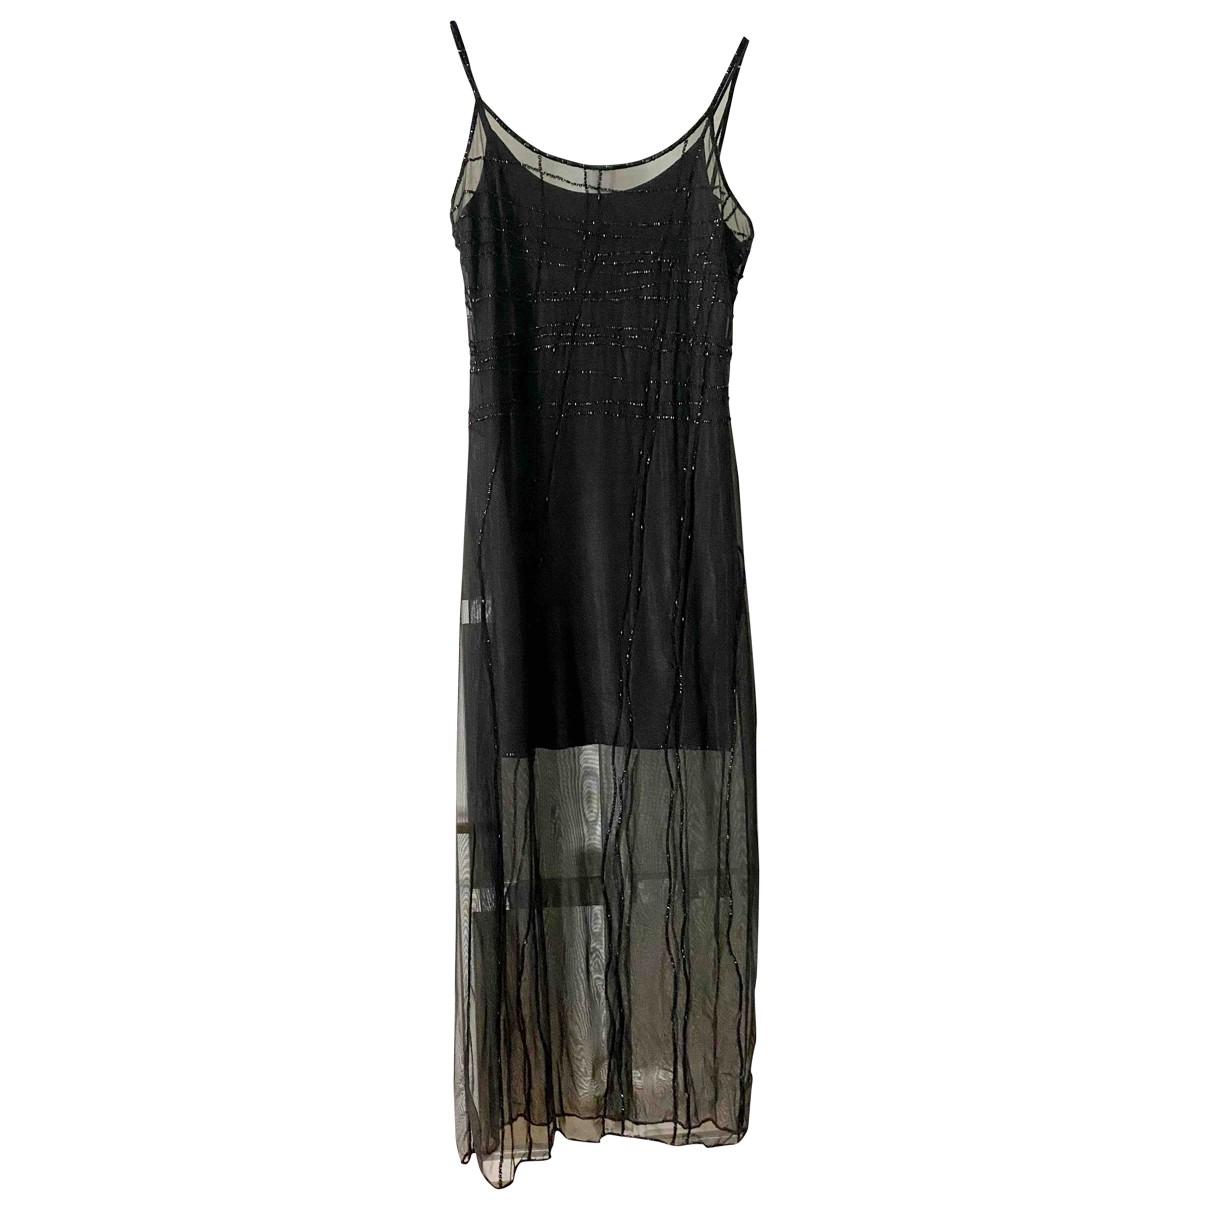 Marc Cain \N Black dress for Women 3 0-5